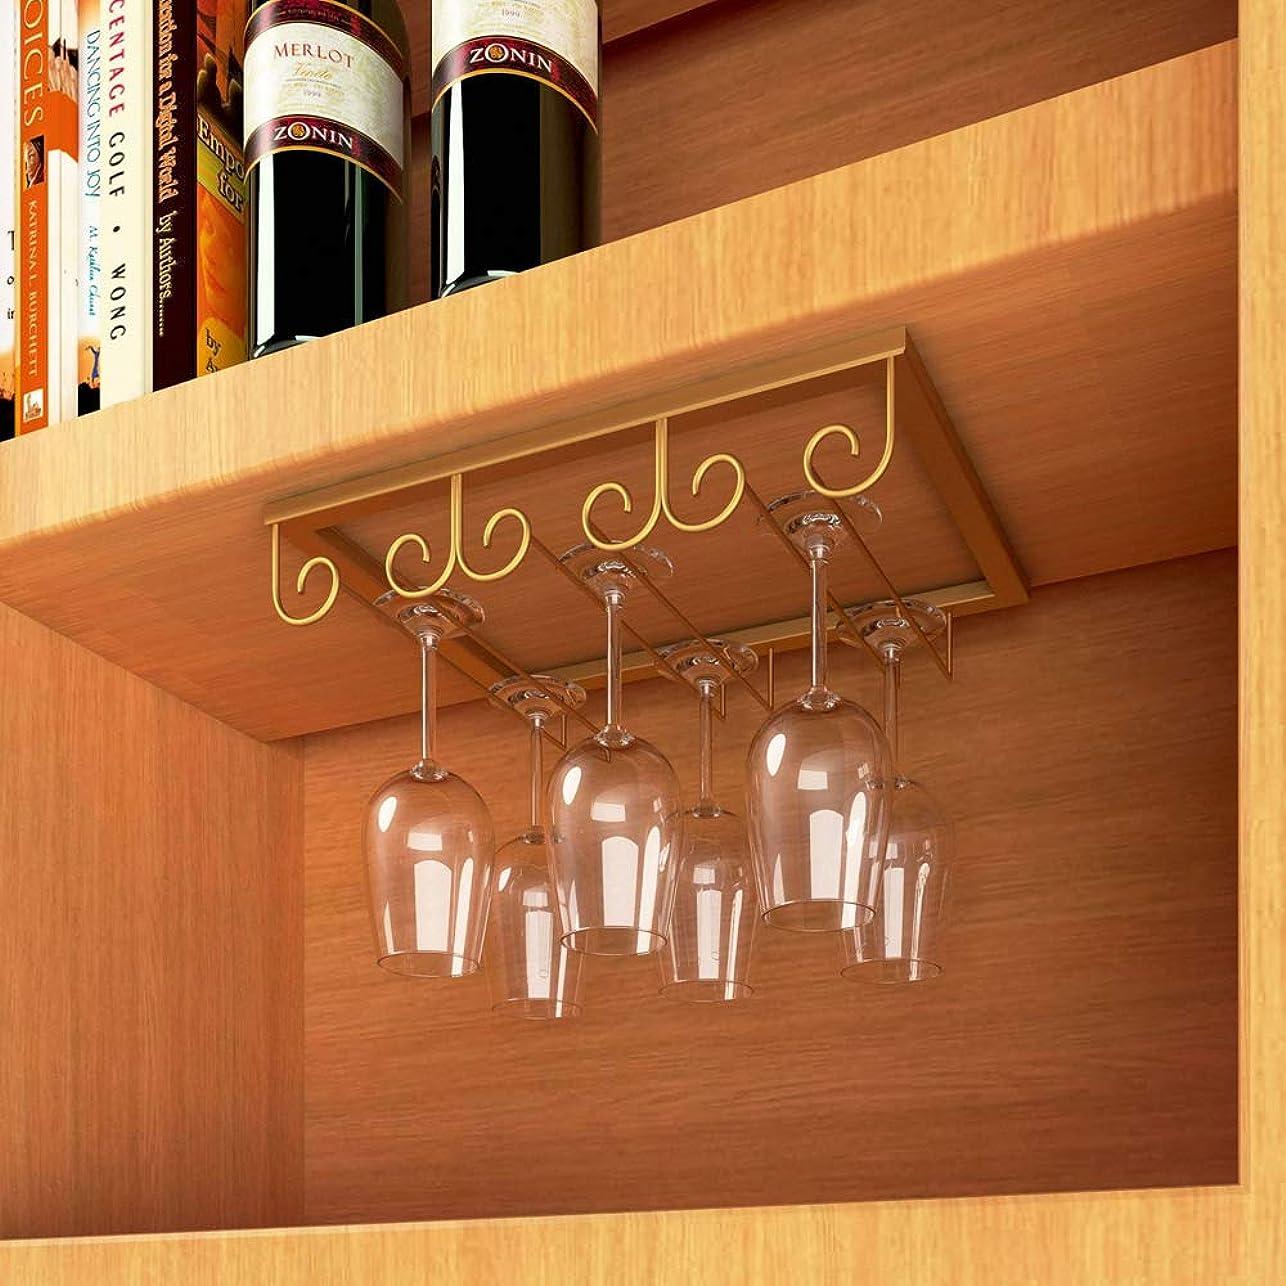 売上高まあ文庫本戸棚下 ワイングラス ホルダー ワイングラス ハンガー ステンレス製吊り下げ シャンパングラス ハンガー 簡単取り付け ネジ付き 家庭 業務用